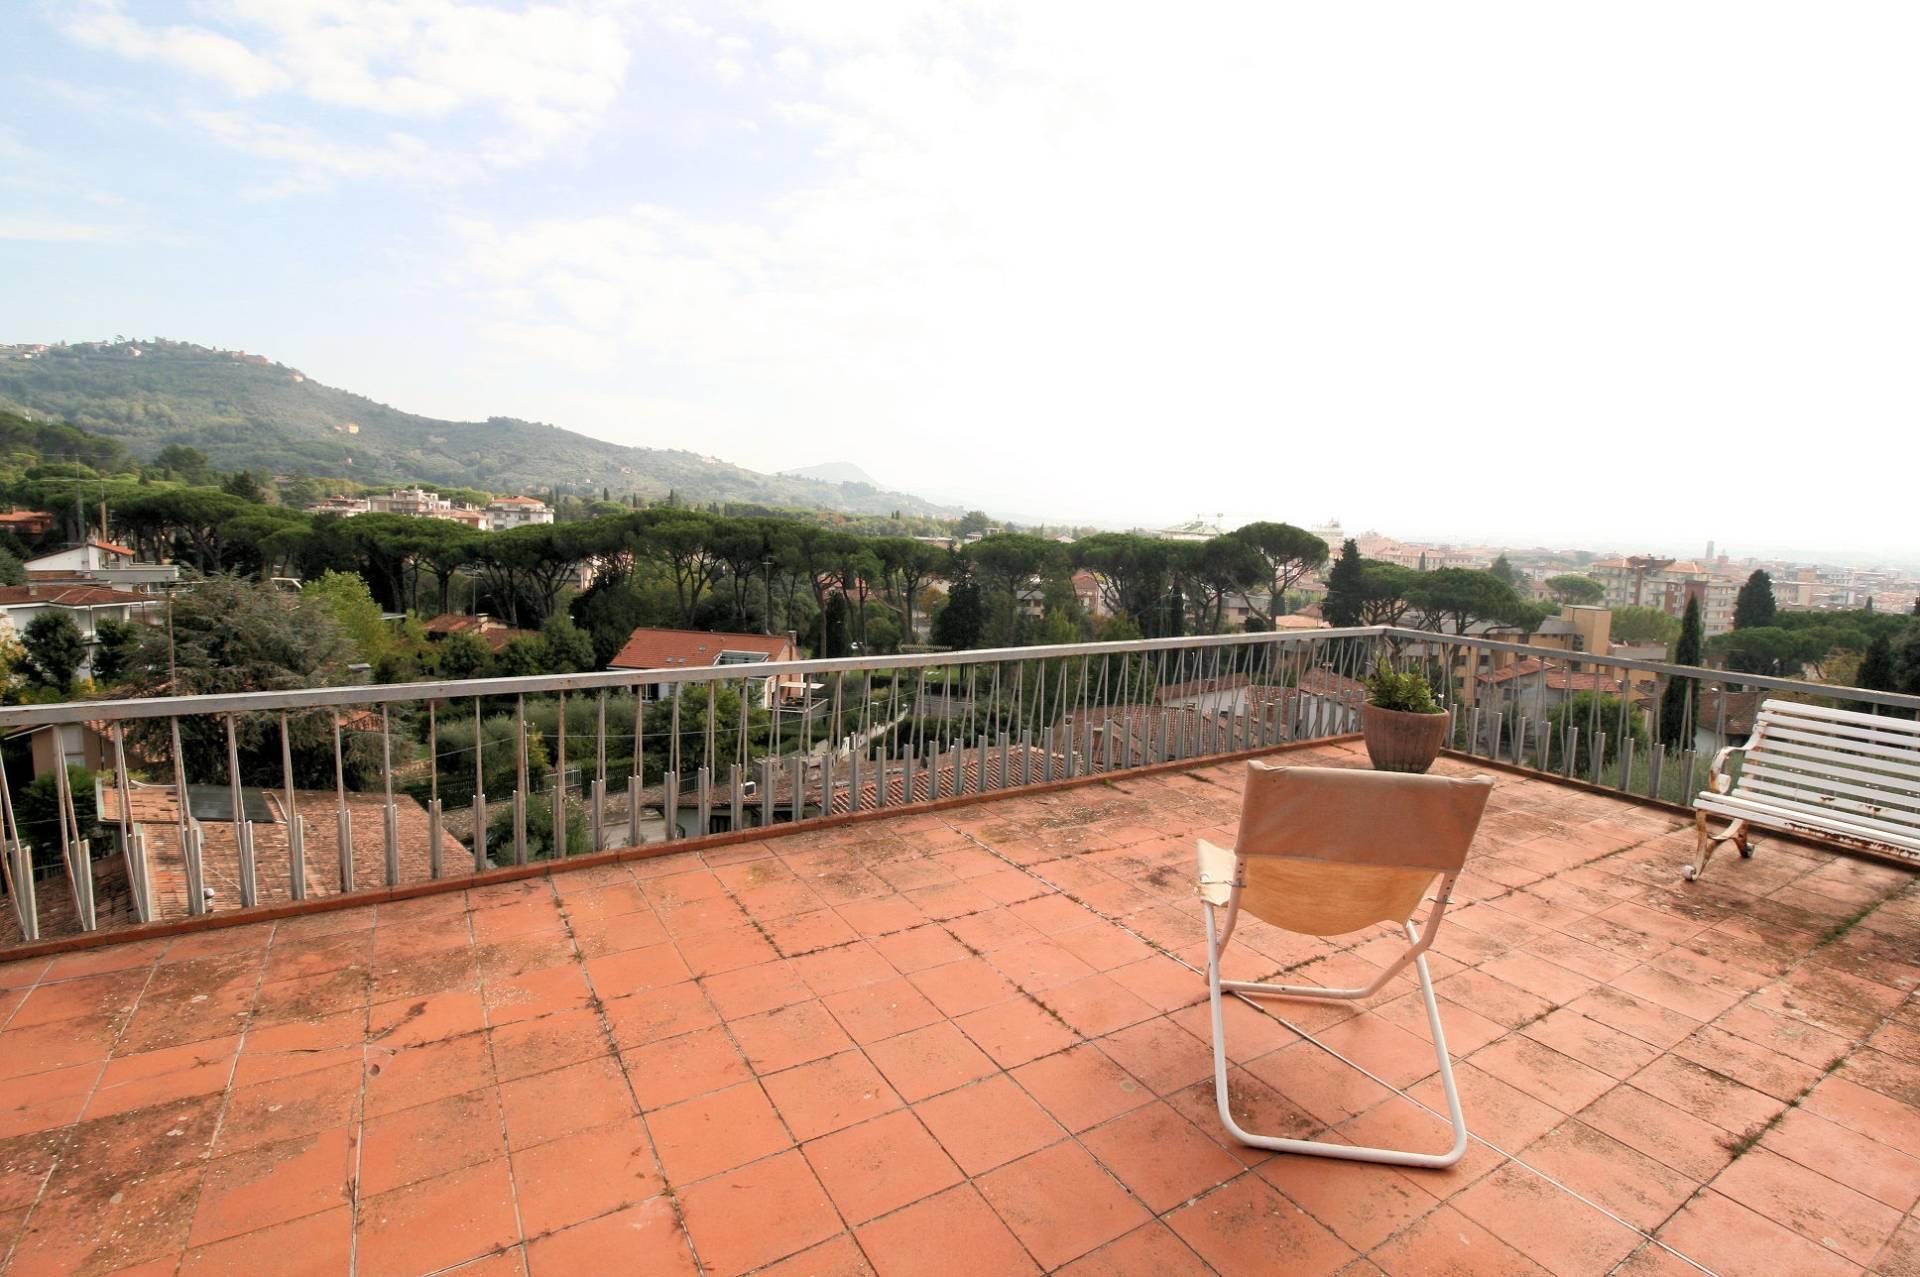 Attico / Mansarda in vendita a Montecatini-Terme, 9 locali, prezzo € 399.000   PortaleAgenzieImmobiliari.it